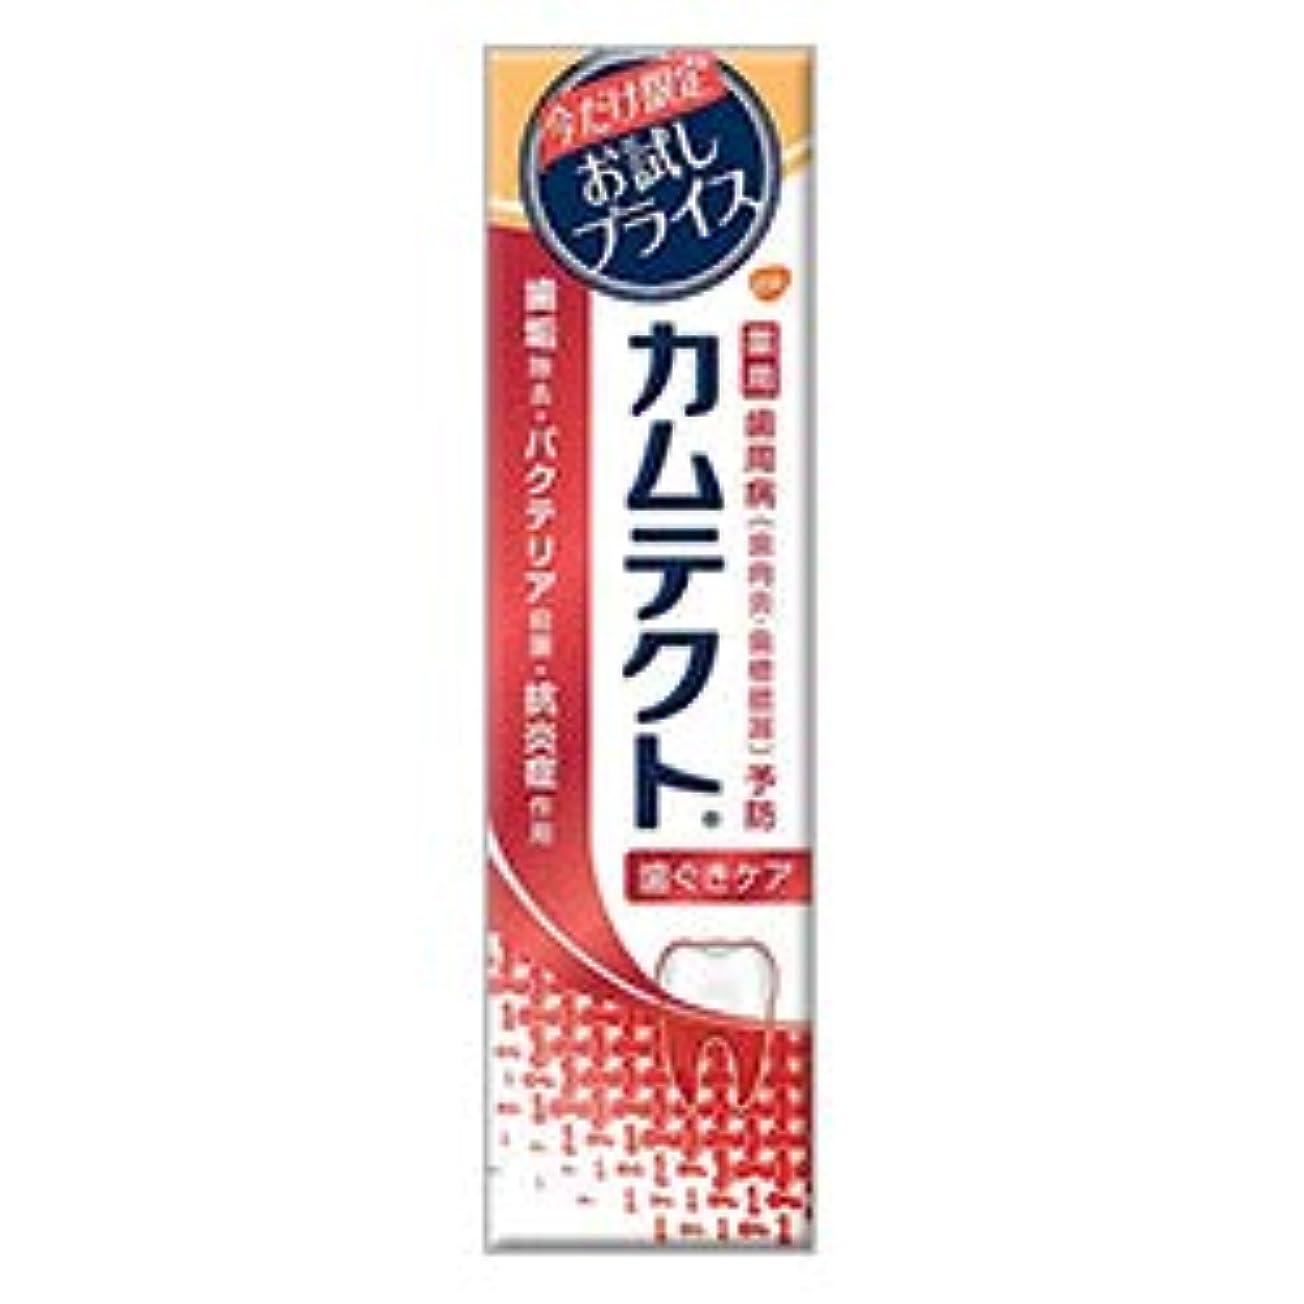 狭いペックに対処する【アース製薬】カムテクト 歯ぐきケア 限定お試し版 105g [医薬部外品] ×5個セット